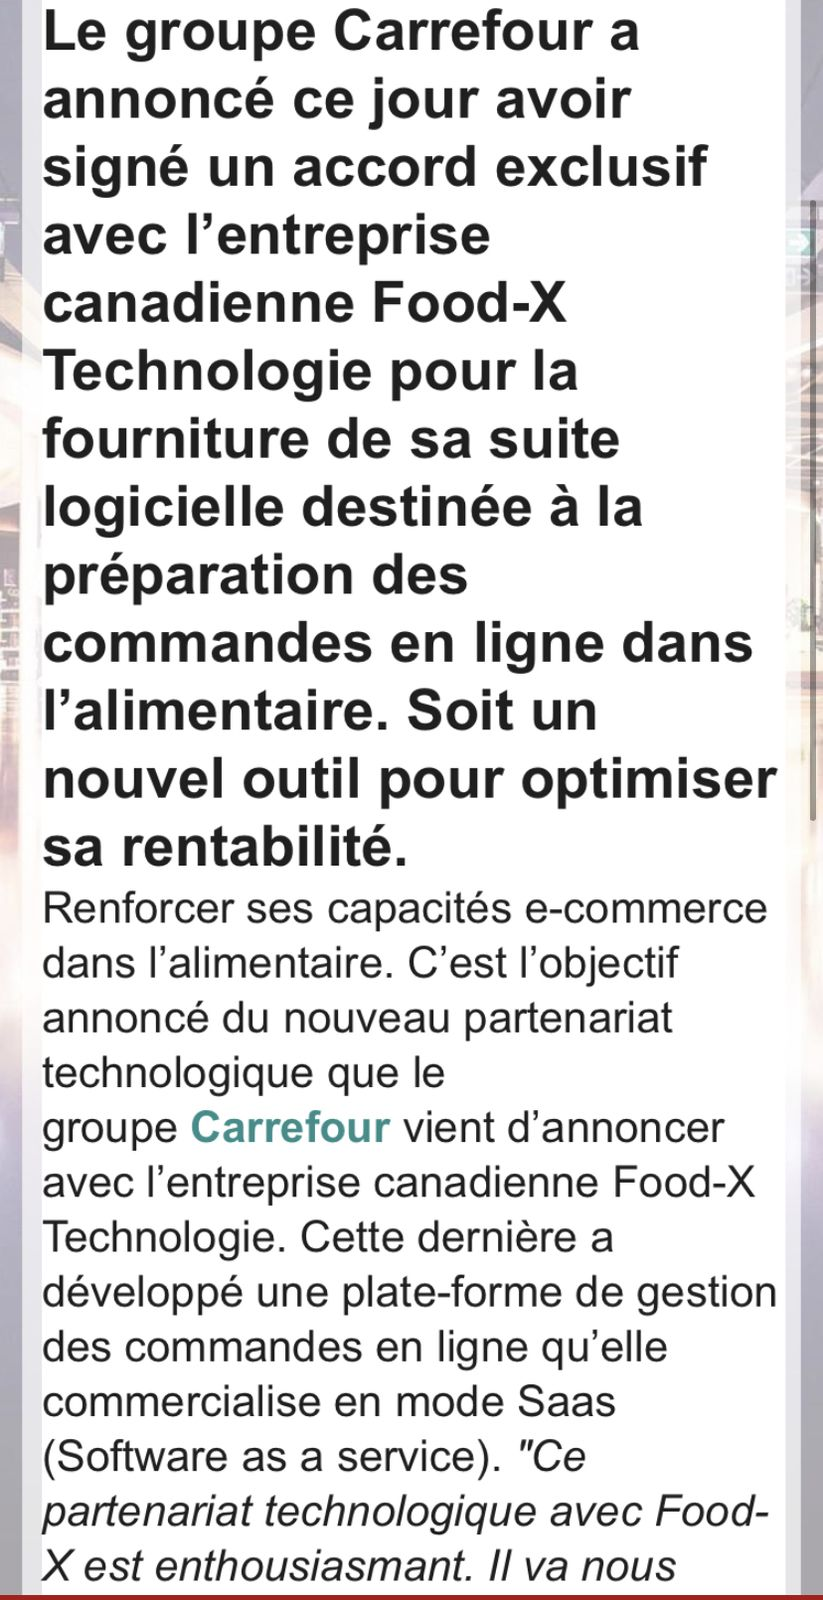 É-commerce le groupe Carrefour signe un nouveau partenariat tech avec Food-x Technologie